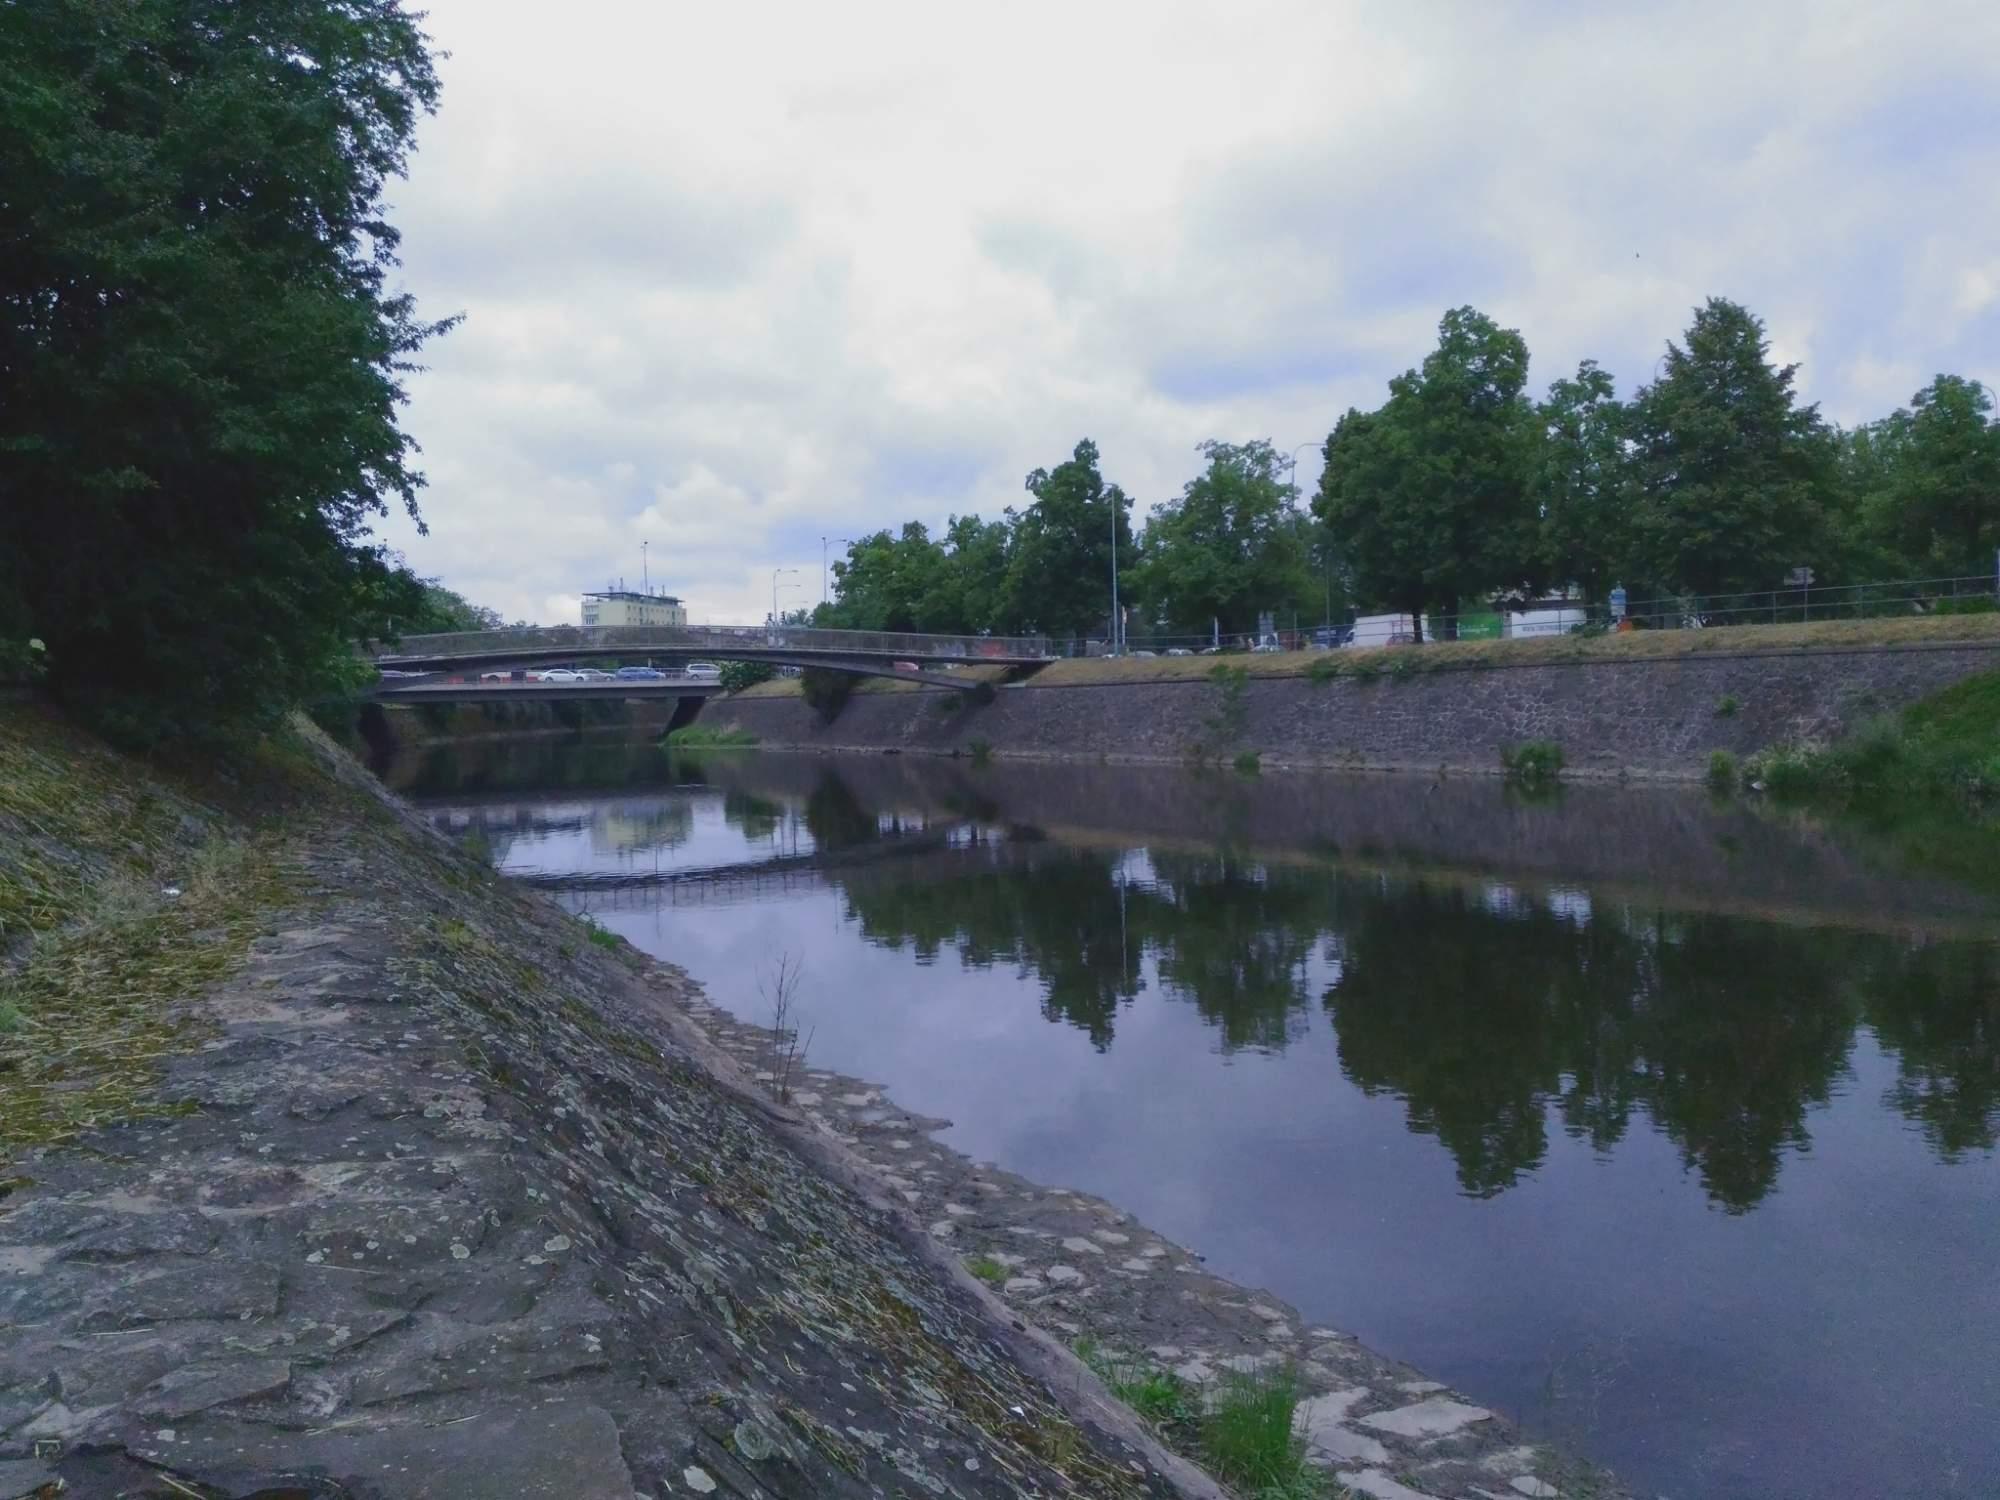 V rámci výstavby protipovodňových opatření dojde k rekonstrukci nábřeží řeky Svratky. Foto: Rudolf Požár